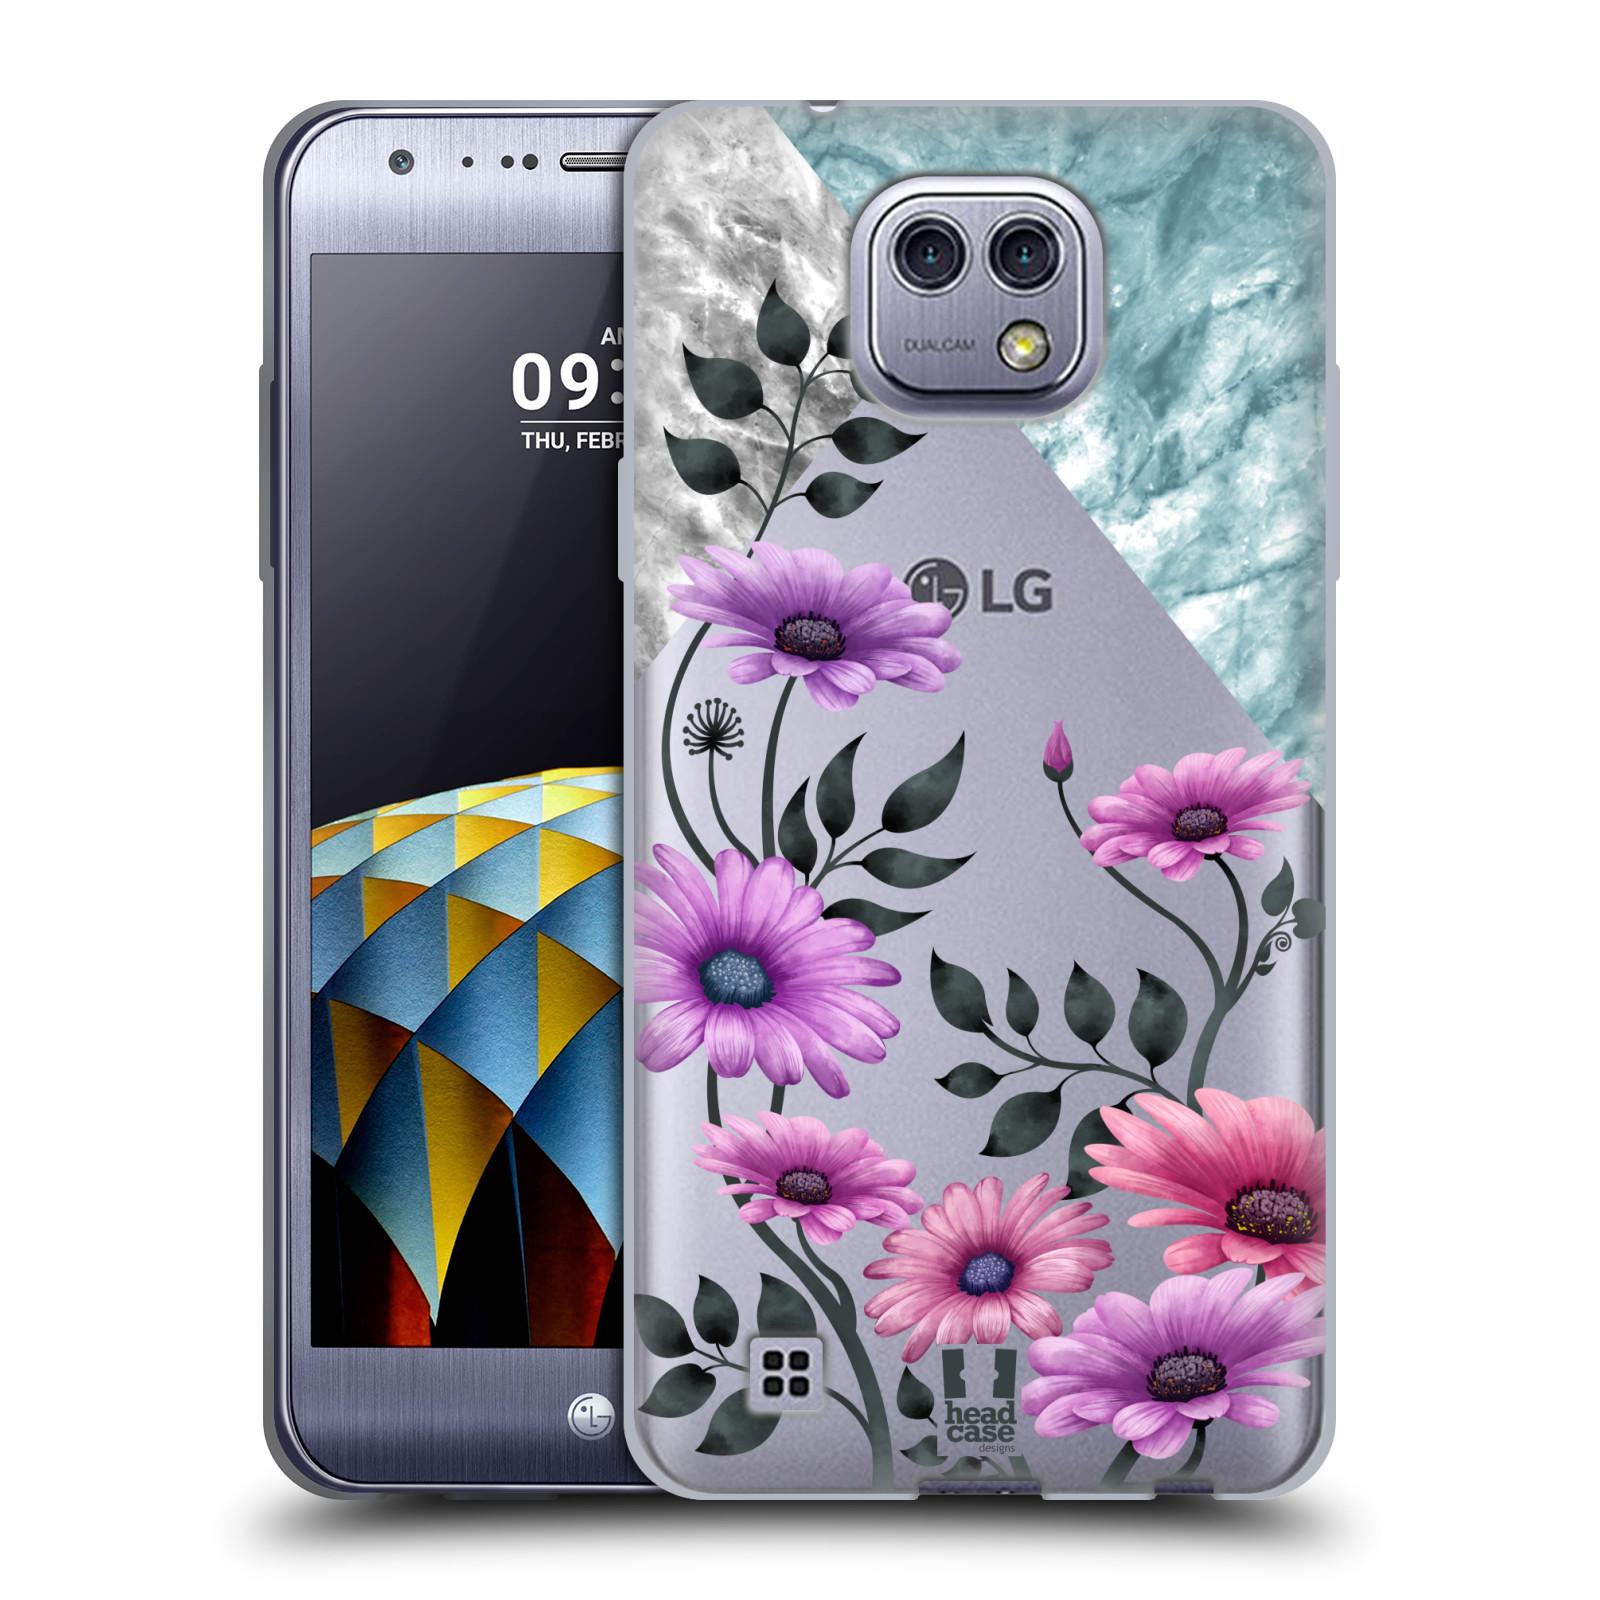 HEAD CASE silikonový obal na mobil LG X CAM květiny hvězdnice, Aster fialová a modrá